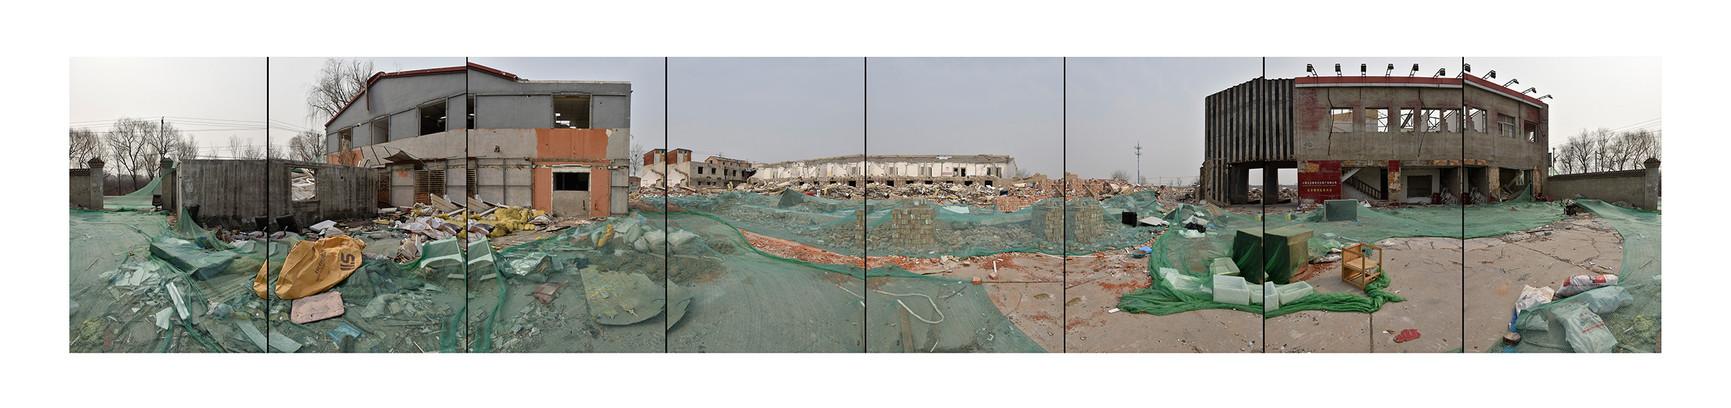 北京废墟17.jpg